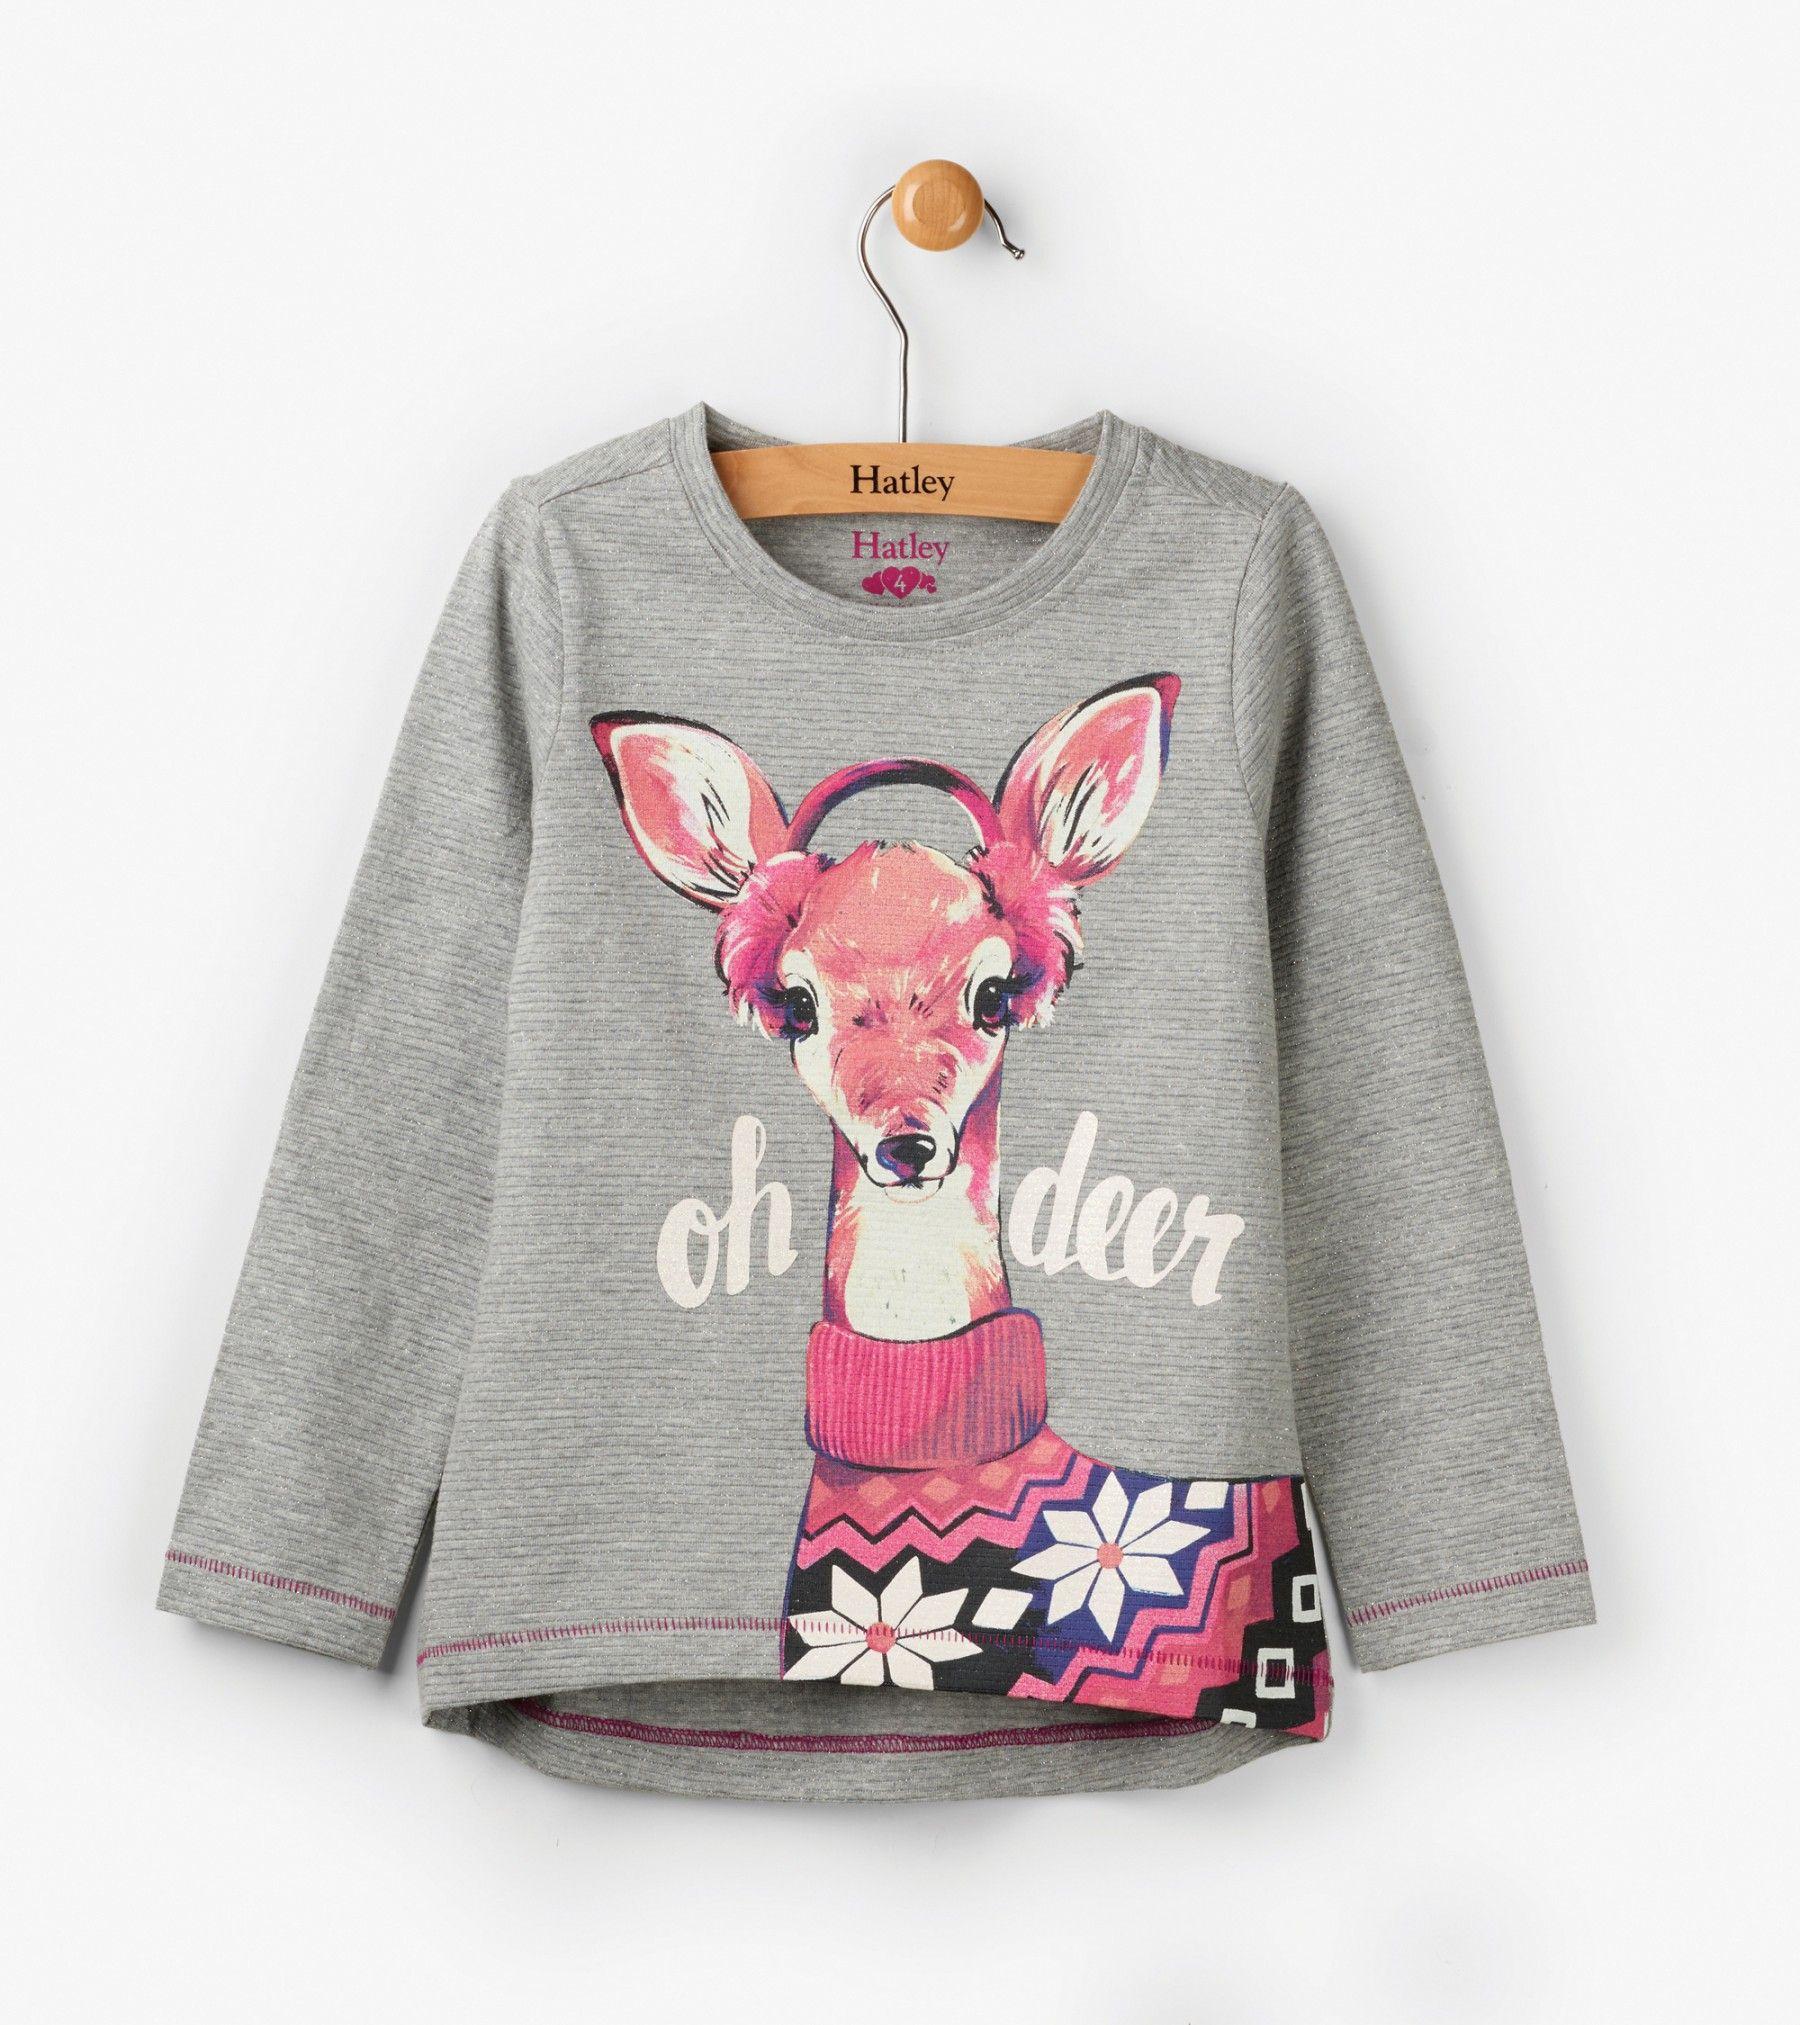 16f0b6e86 Oh Deer Long Sleeve Tee - Tops - Shop All - Girls